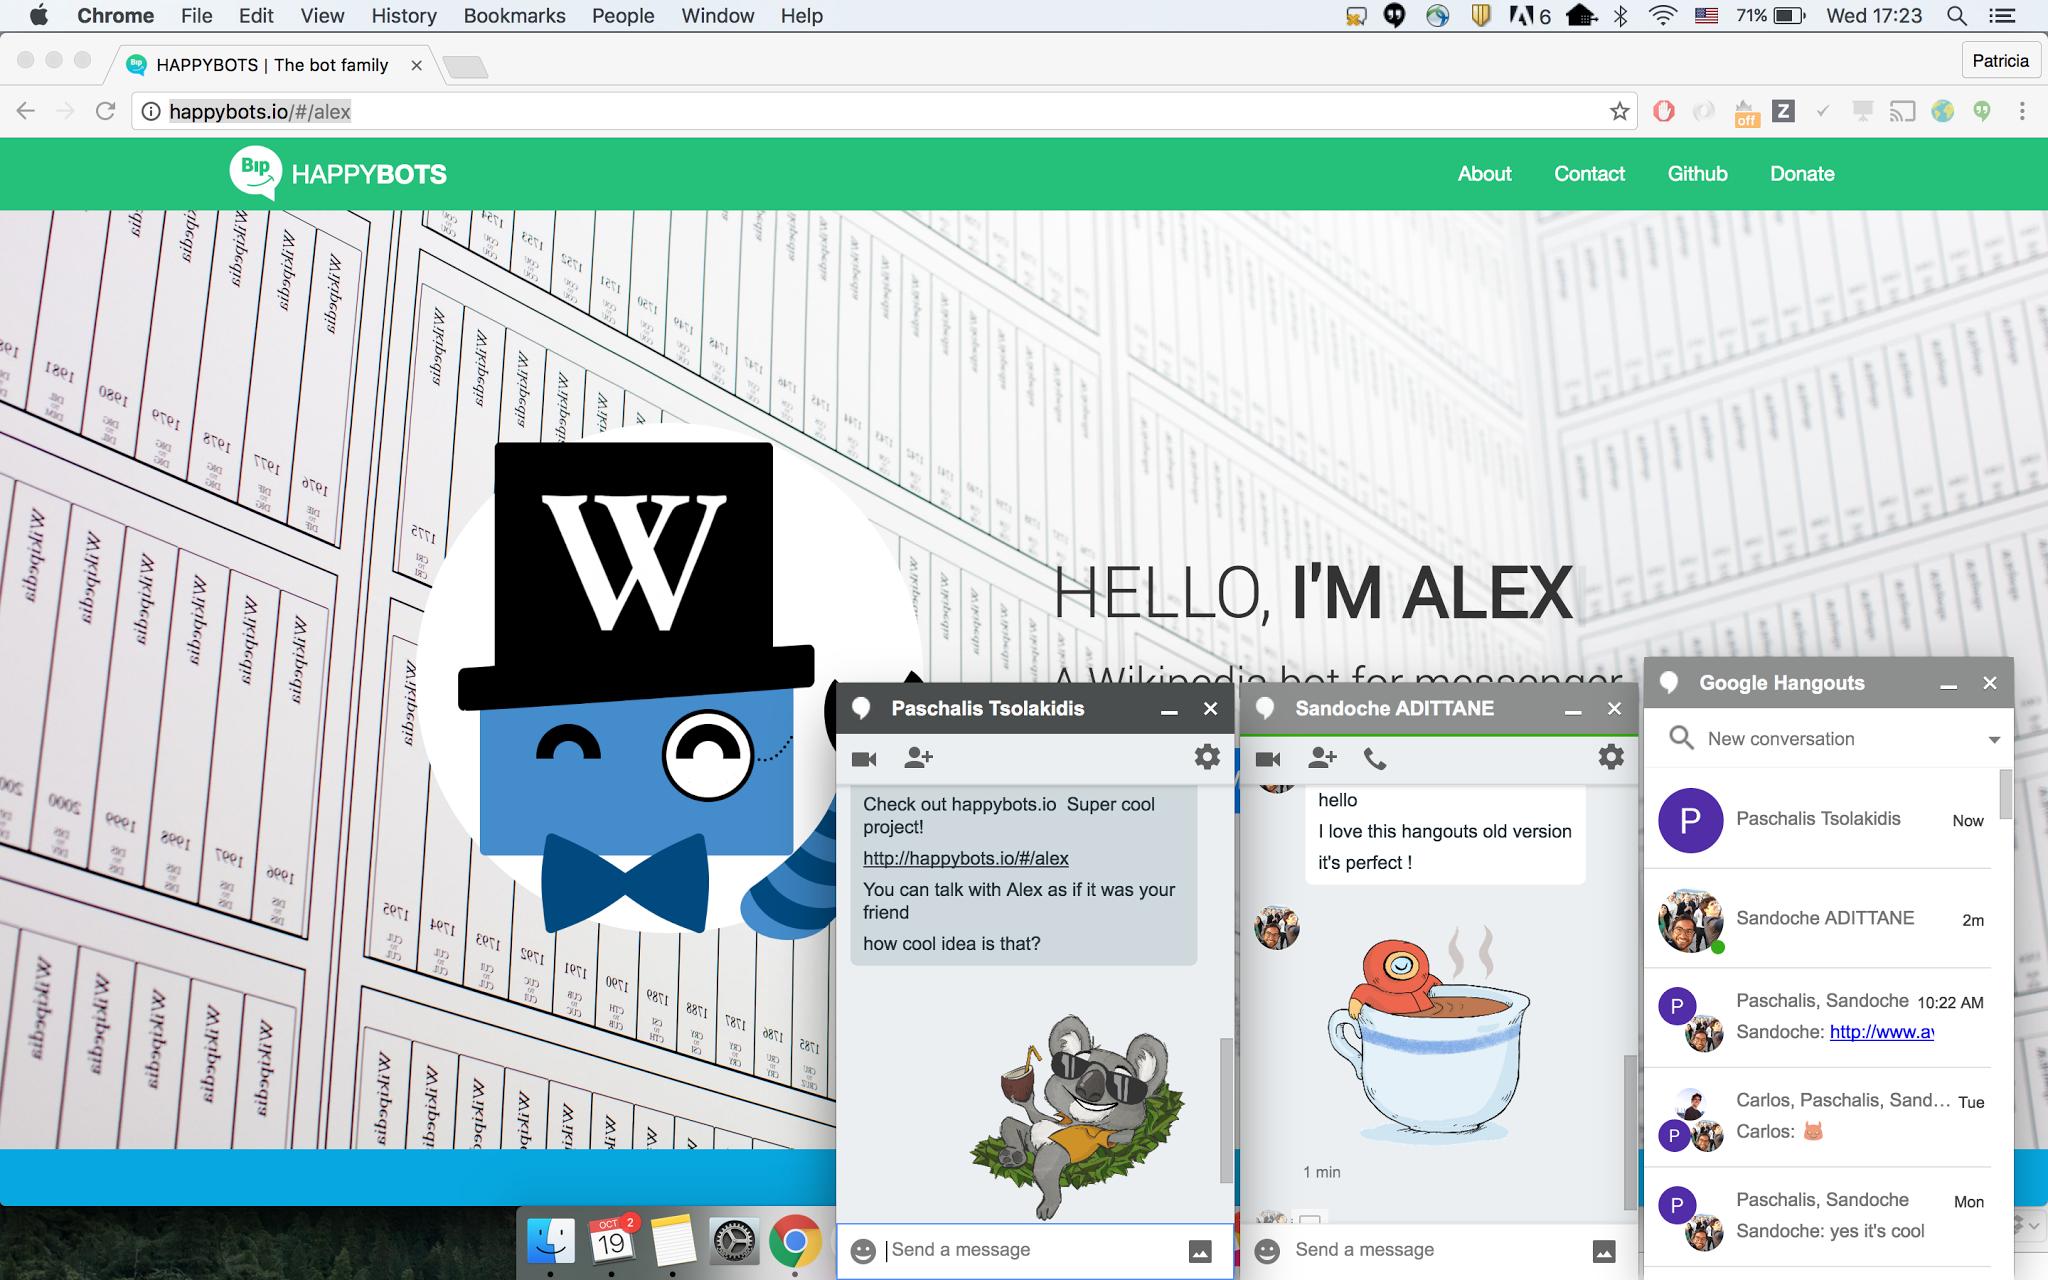 chrome chrome-extensions extensions google-hangouts hangouts